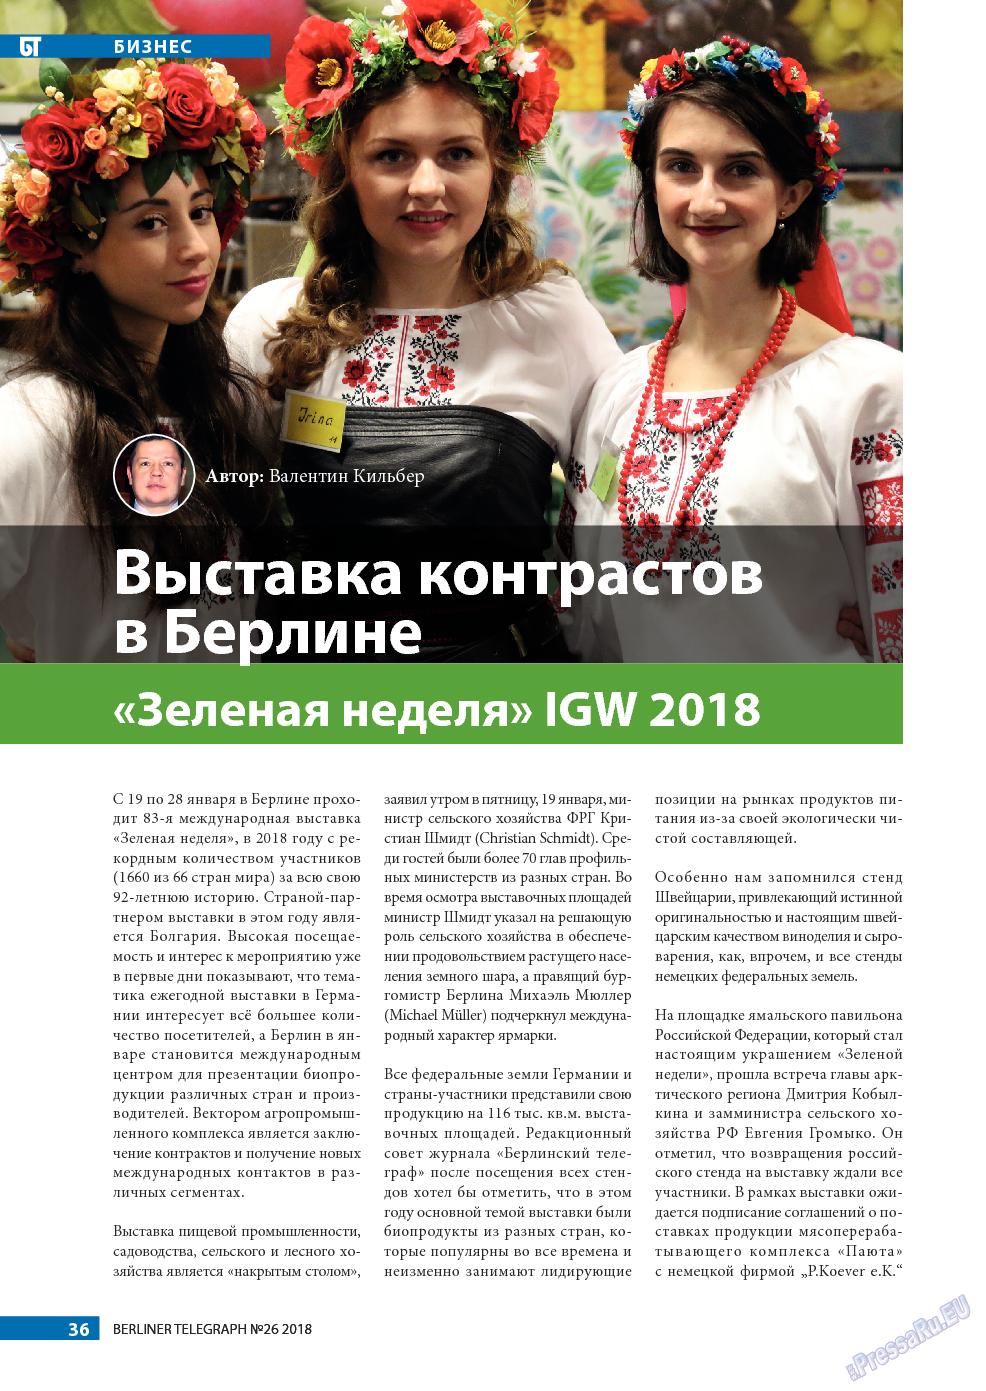 Берлинский телеграф (журнал). 2018 год, номер 26, стр. 36